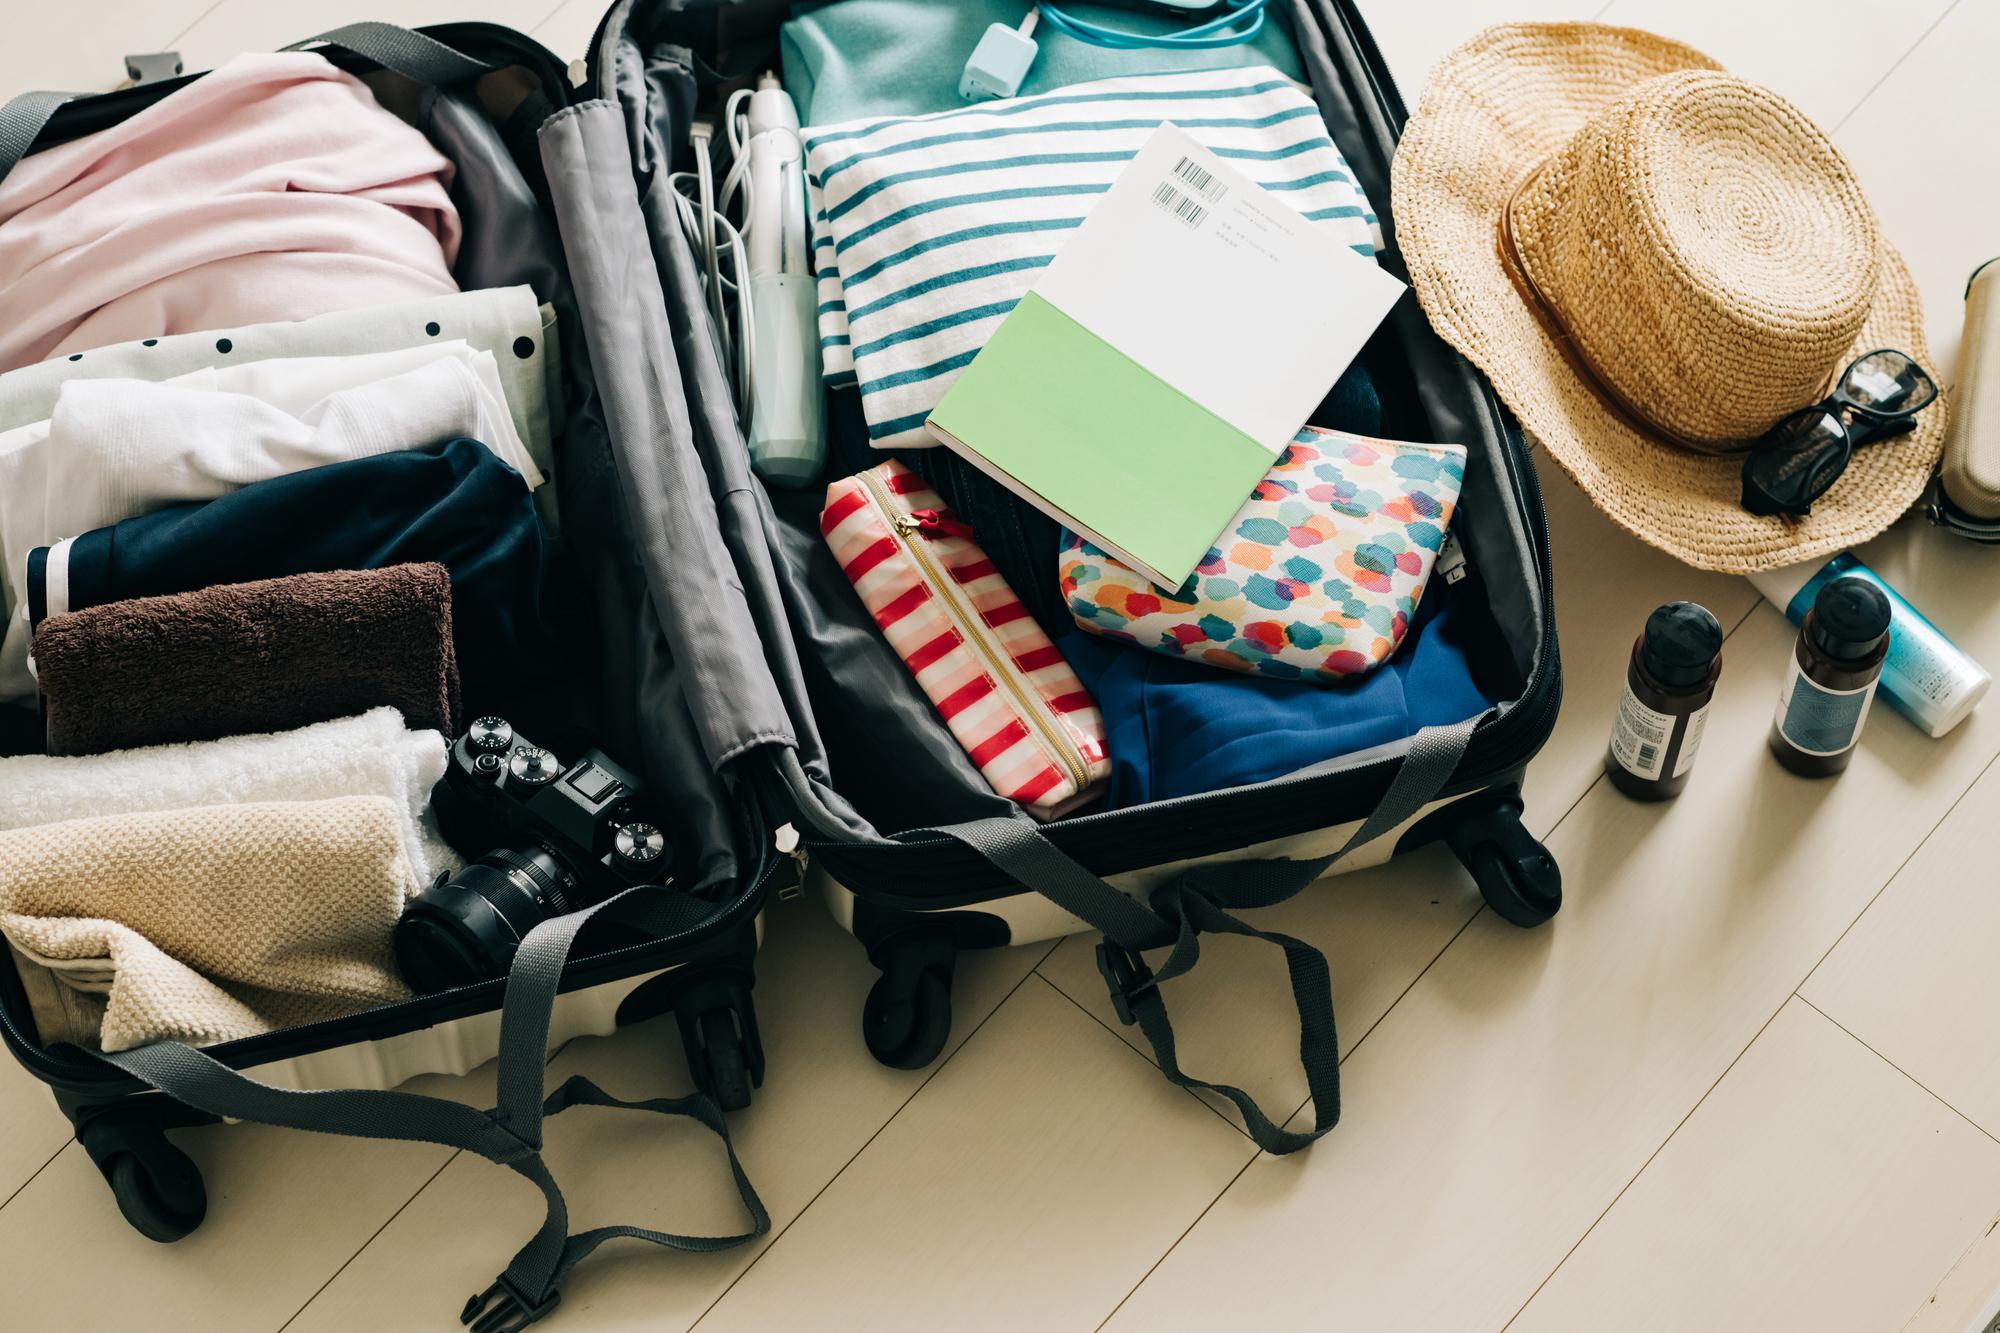 夏休みにおすすめの国内旅行スポットはどこ?